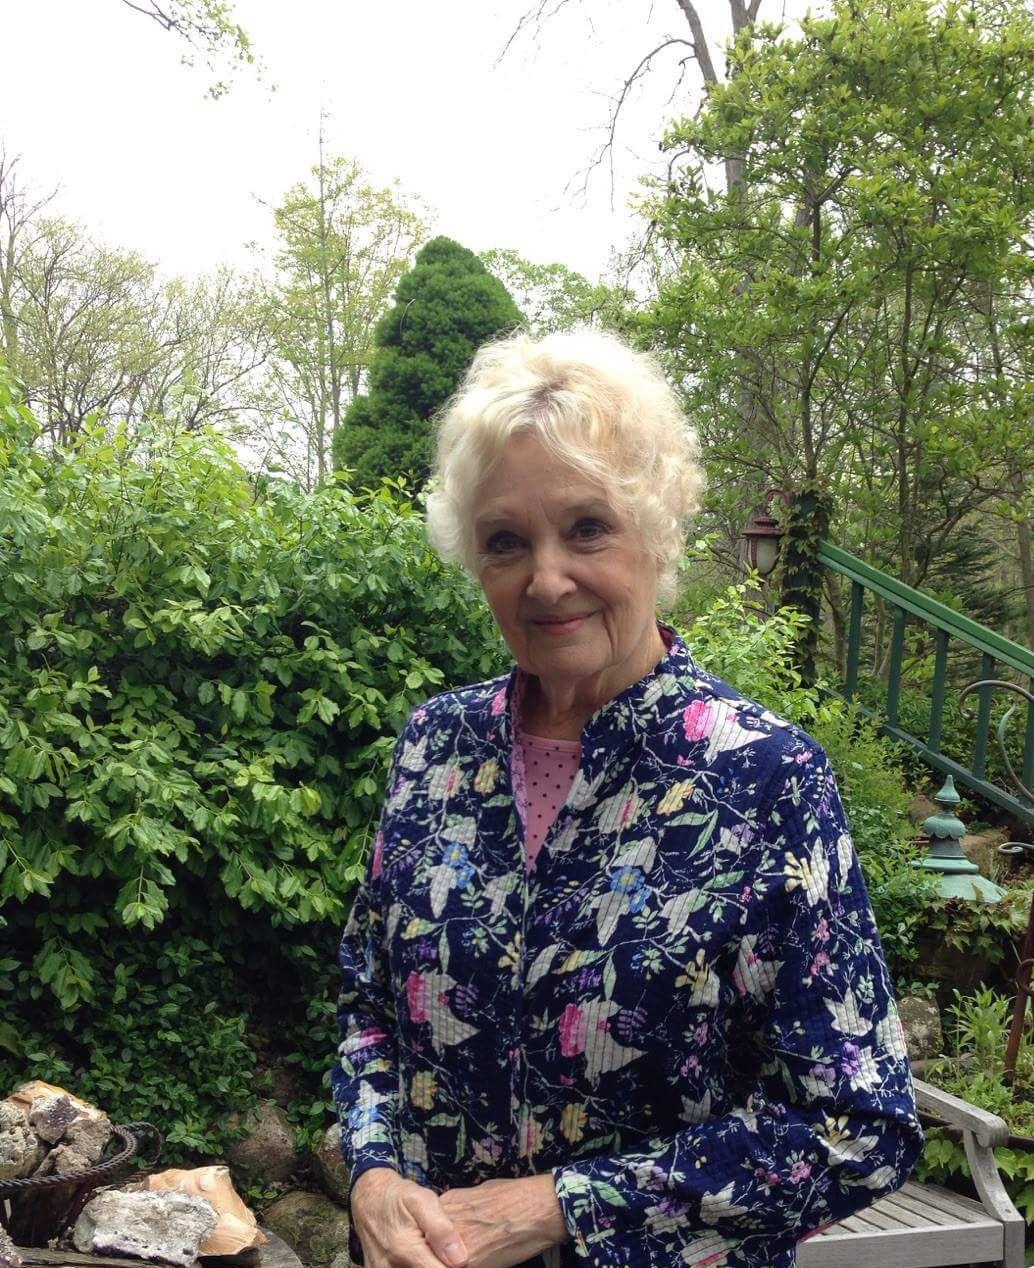 Suzanne Gloden